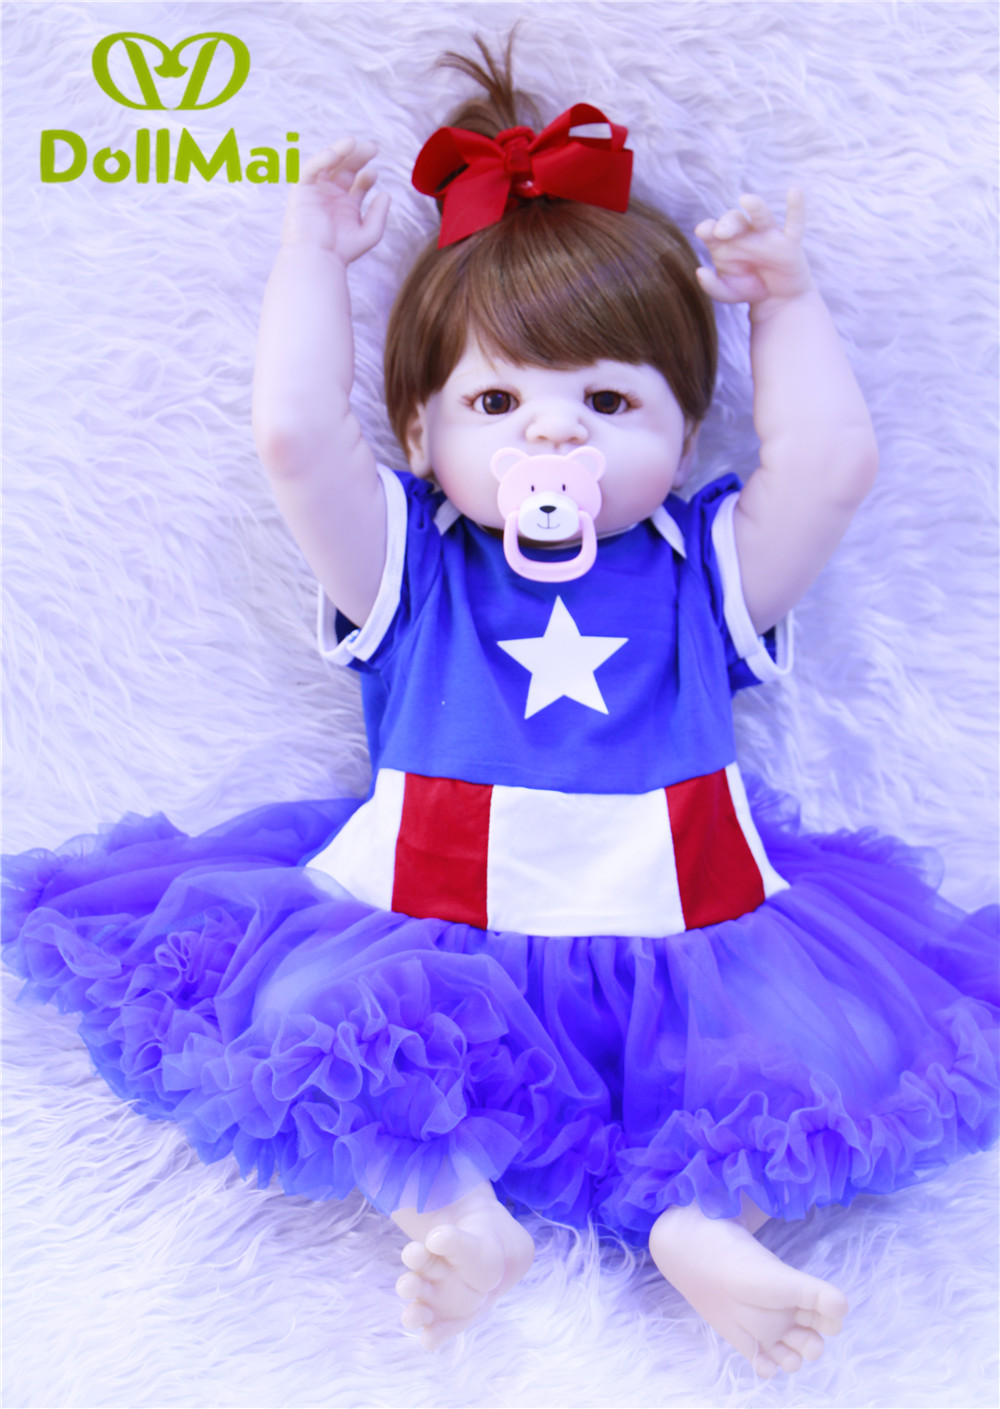 Bebes reborn poupée silicone reborn reborn bébé poupées lol poupée brinquedos boneca reborn cadeau de noël pour fille anniversaire DOLLMAI